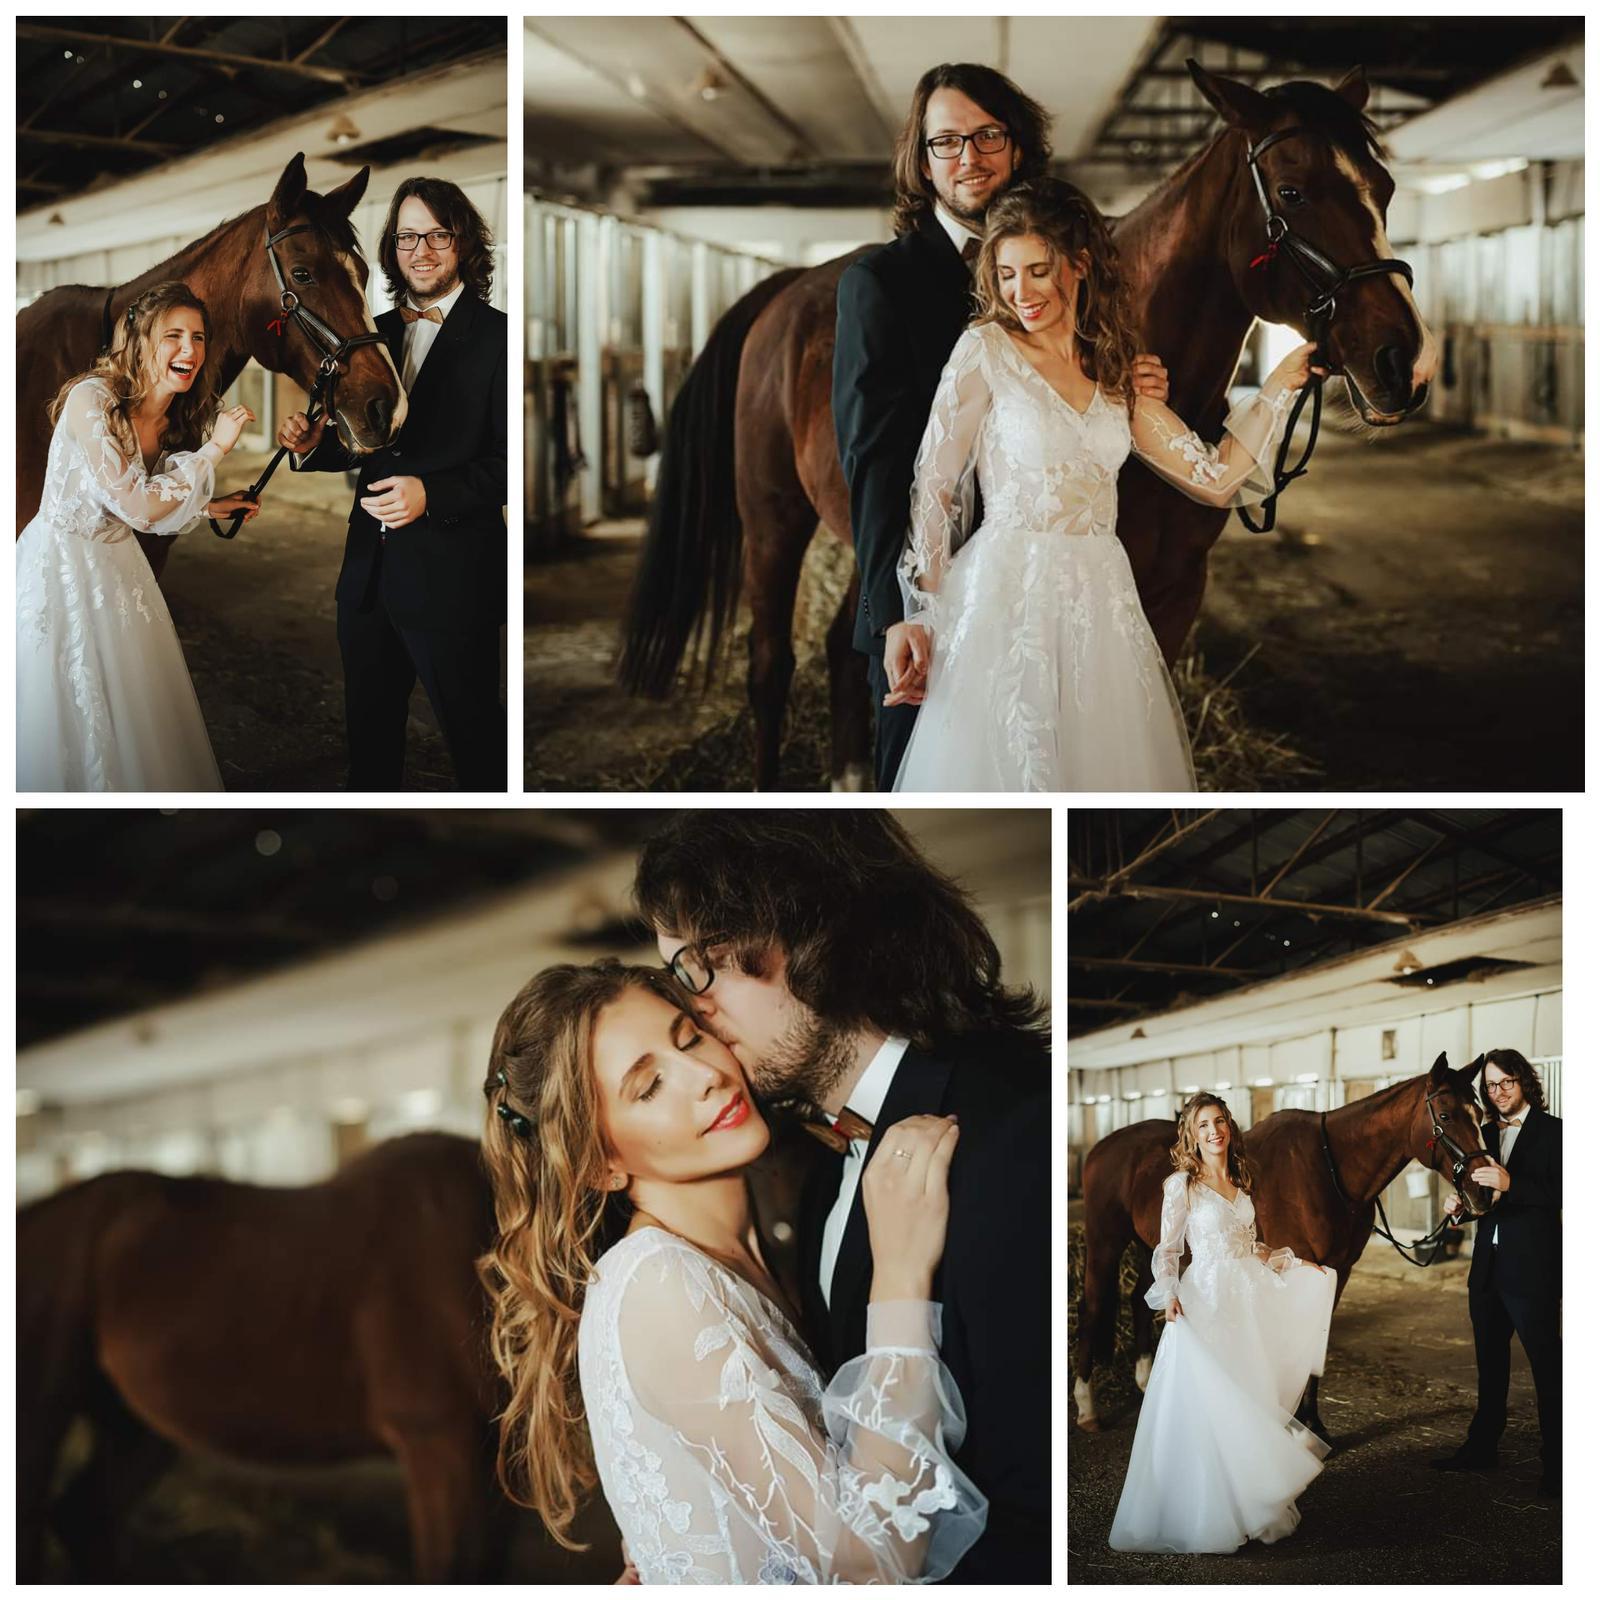 Termín svadby máme ešte... - Obrázok č. 2